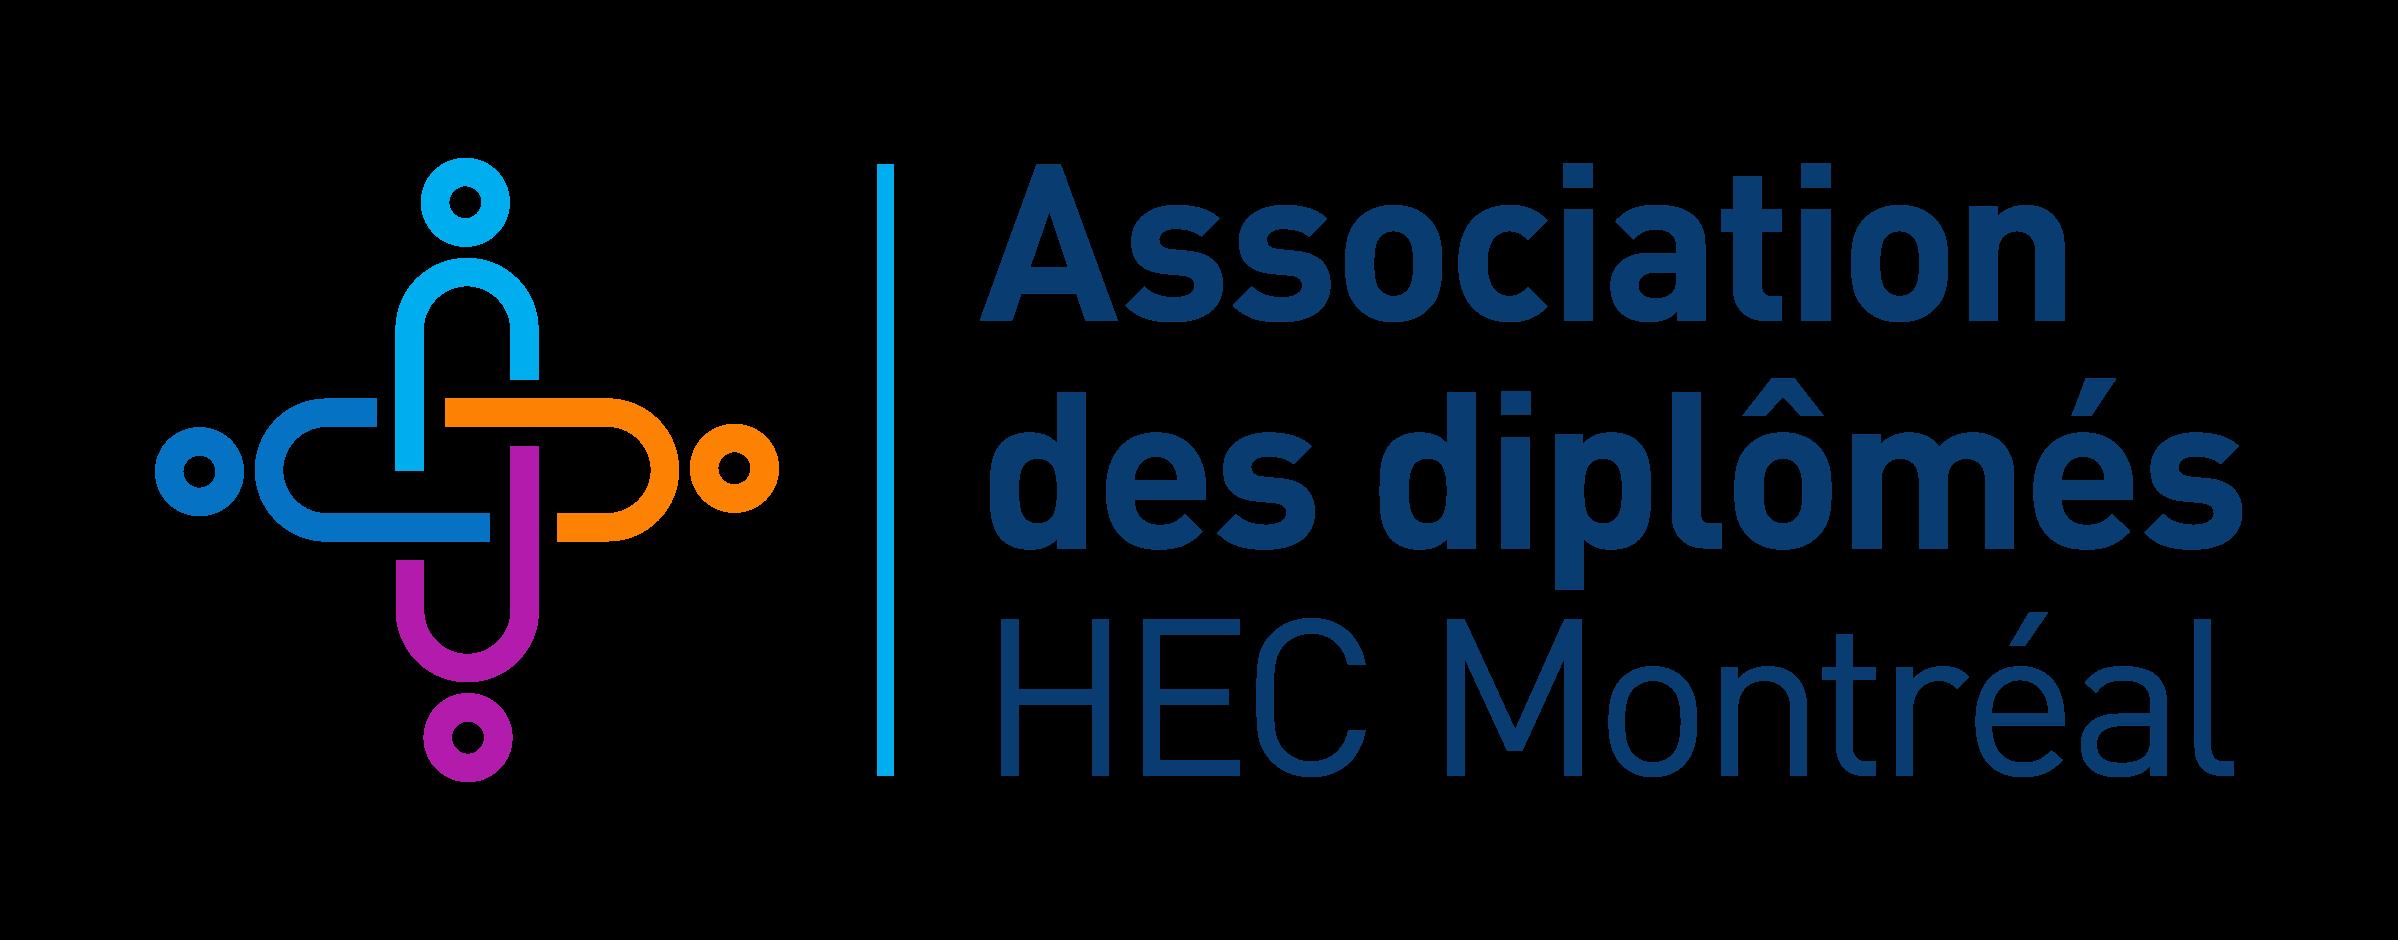 Logo - Association des diplômés de HEC Montréal